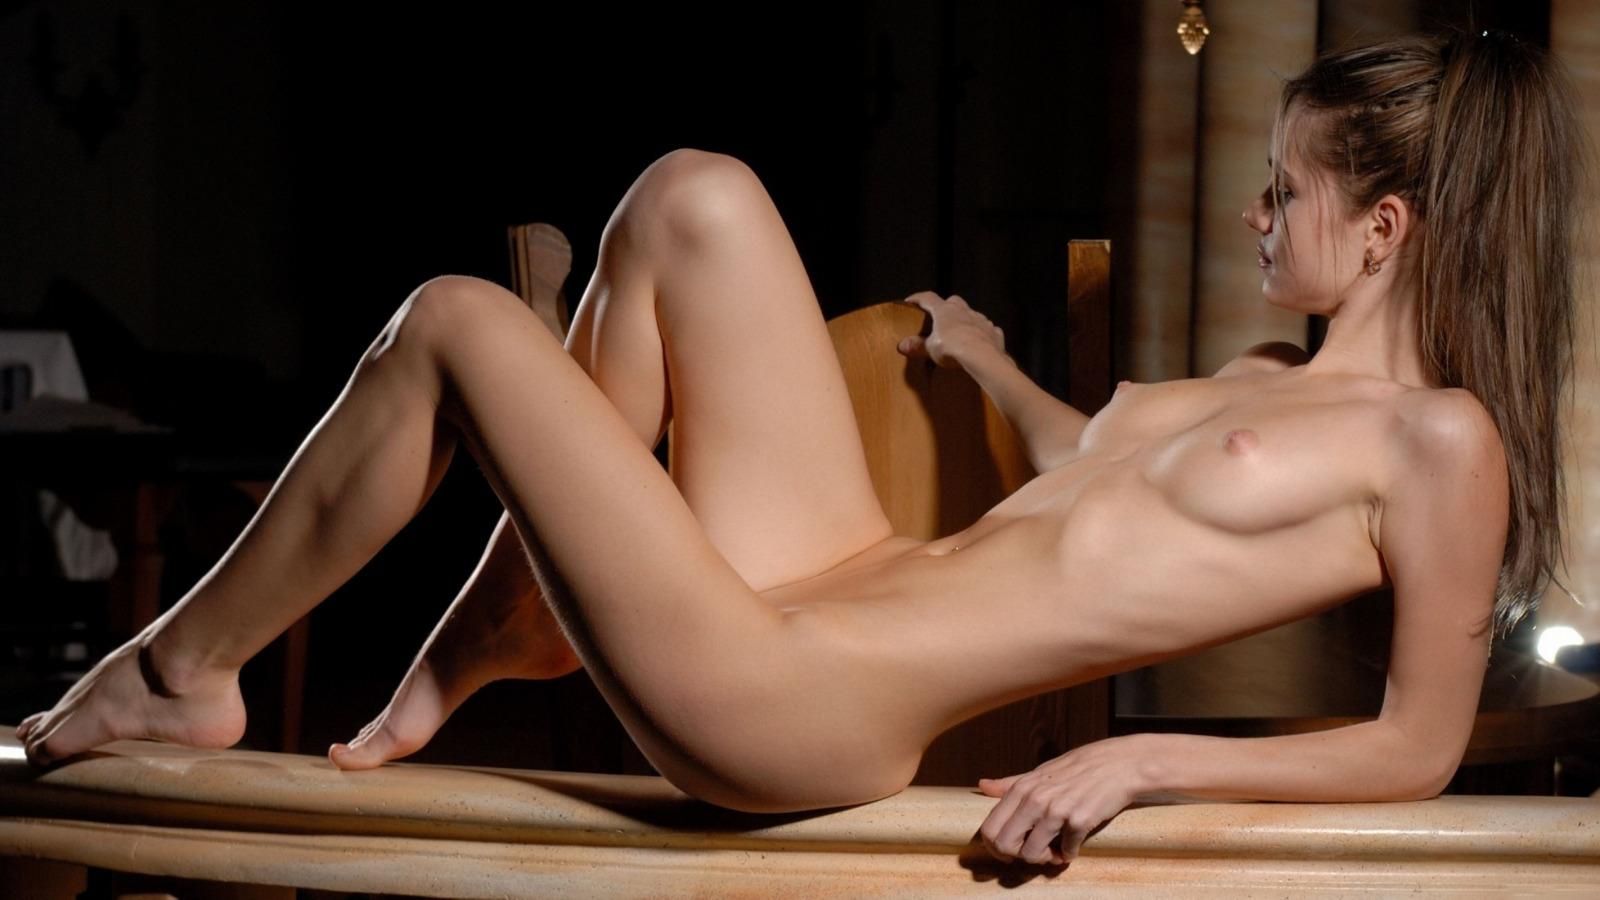 очень красивая девушка эротическое видео-км1